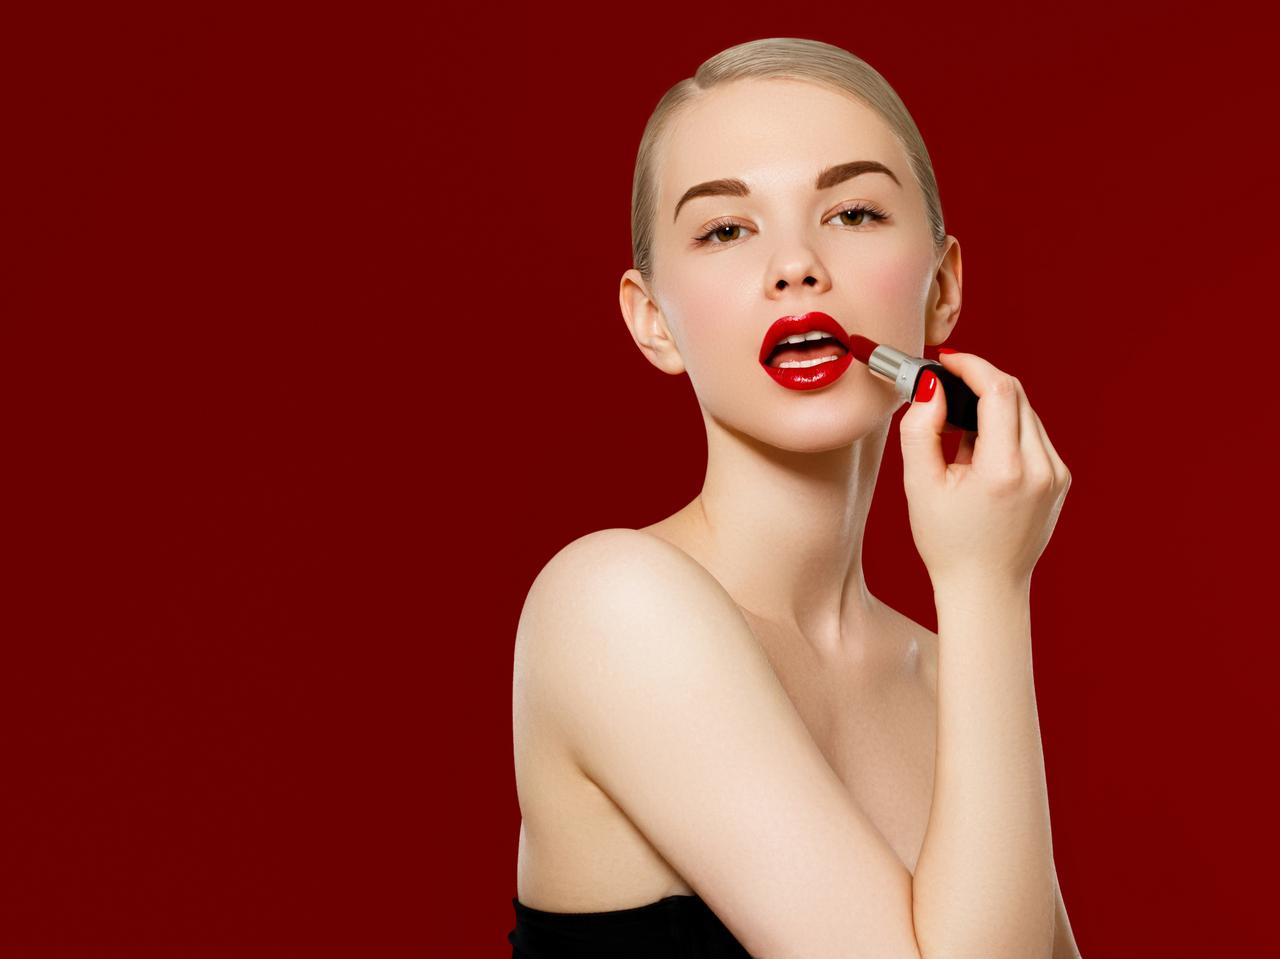 【新宿・渋谷・青山・六本木】百貨店・専門店美容部員・化粧品販売員(美容部員・化粧品販売員/ LVMHグループ)派遣の求人のその他写真1